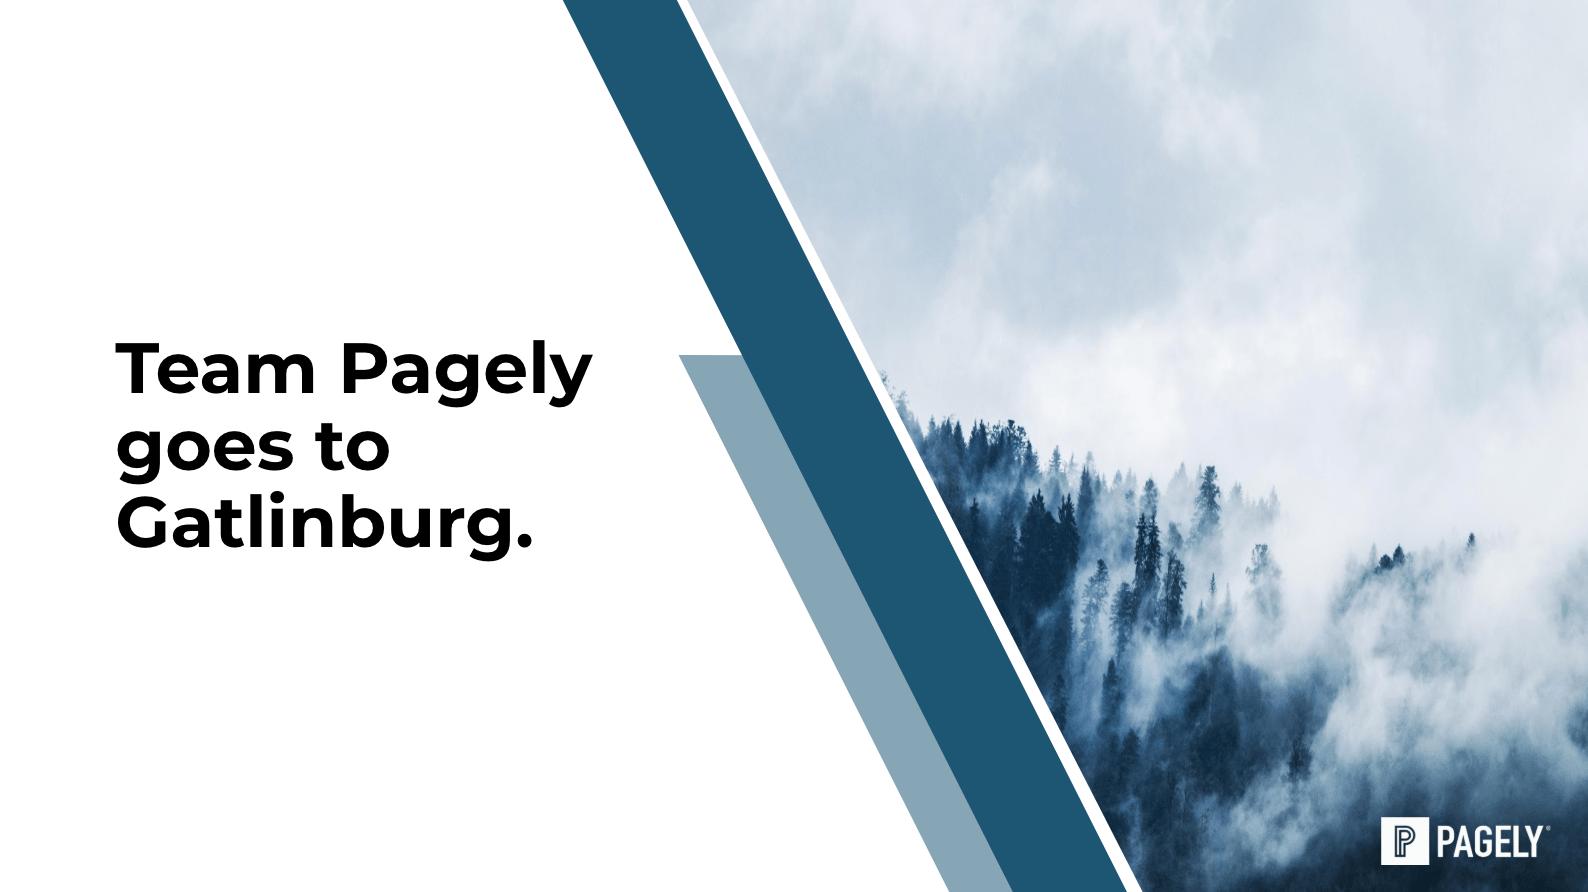 Pagely in Gatlinburg